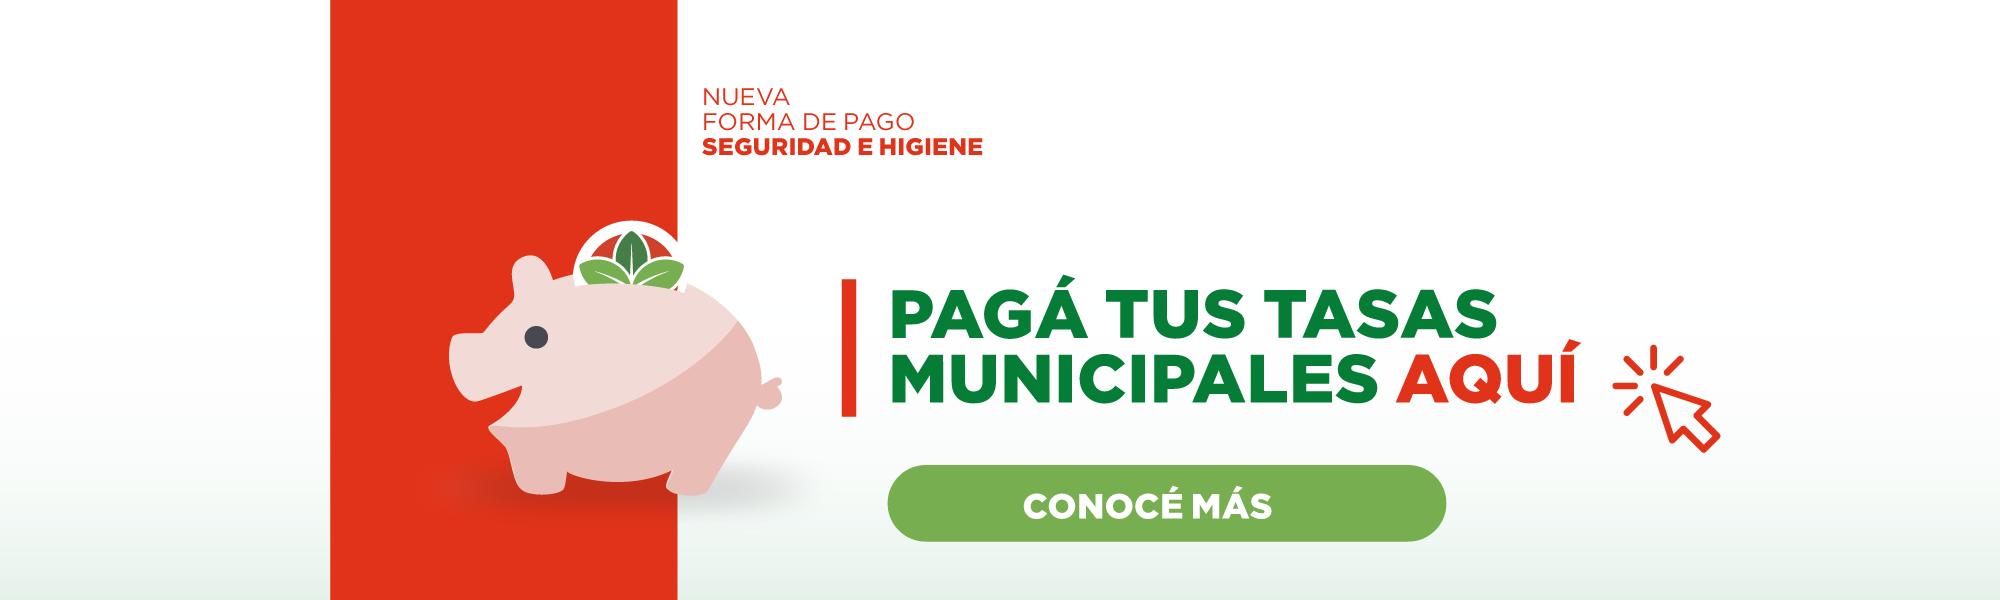 Pagá tus tasas municipales